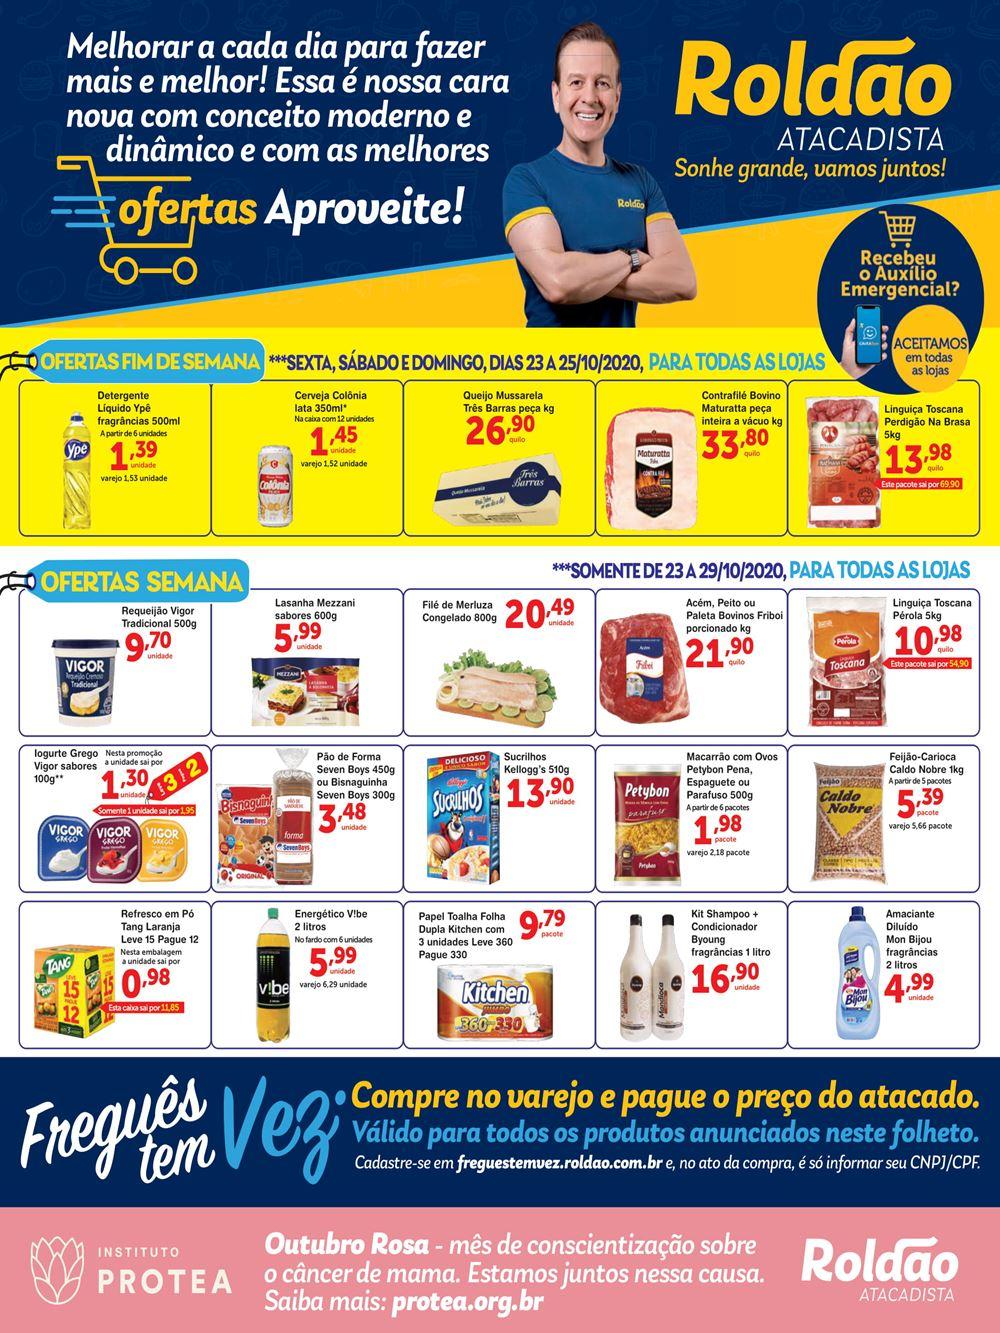 roldao-ofertas-descontos-hoje1-1 Ofertas de supermercados - Economize